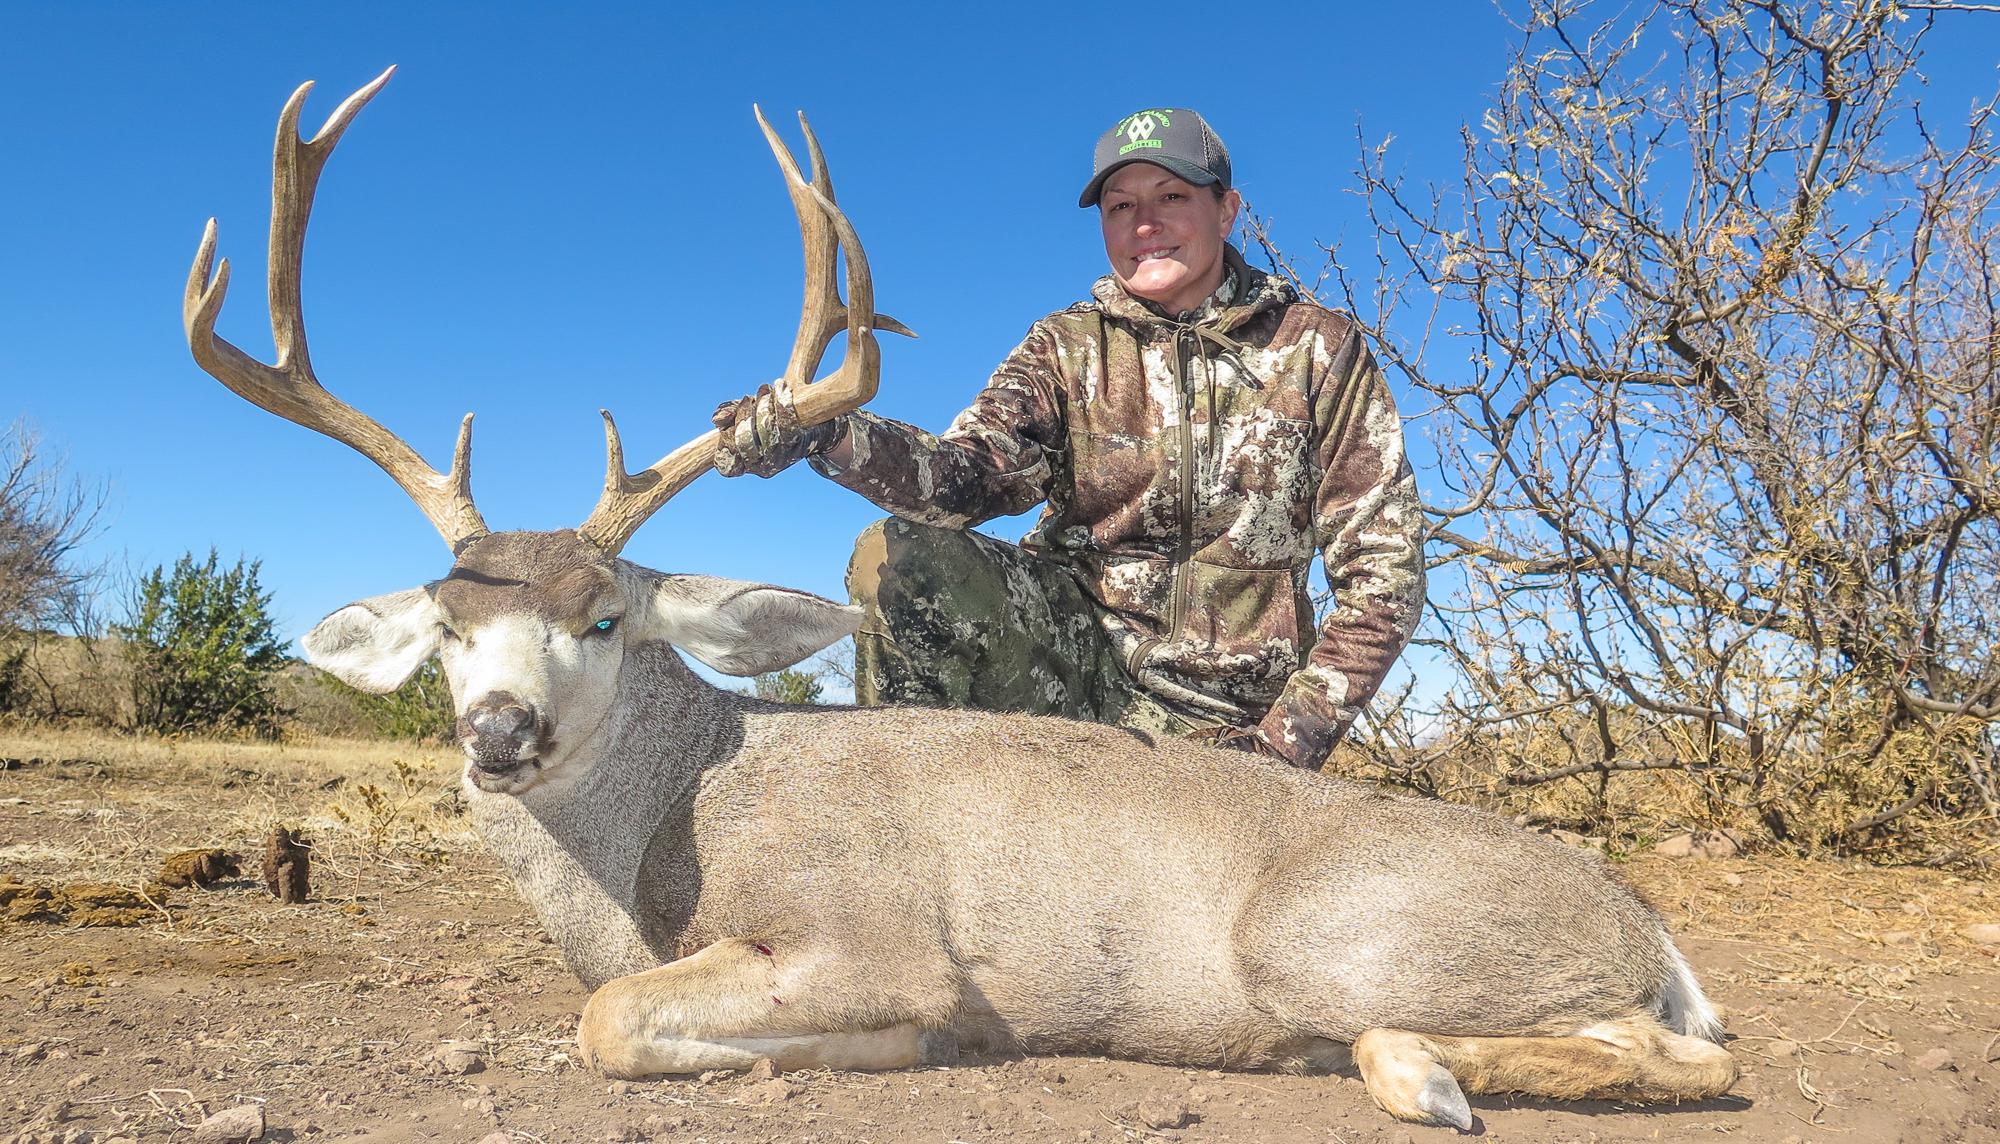 Texas Mule Deer Hunting - Hunter holding dead Mule Deer